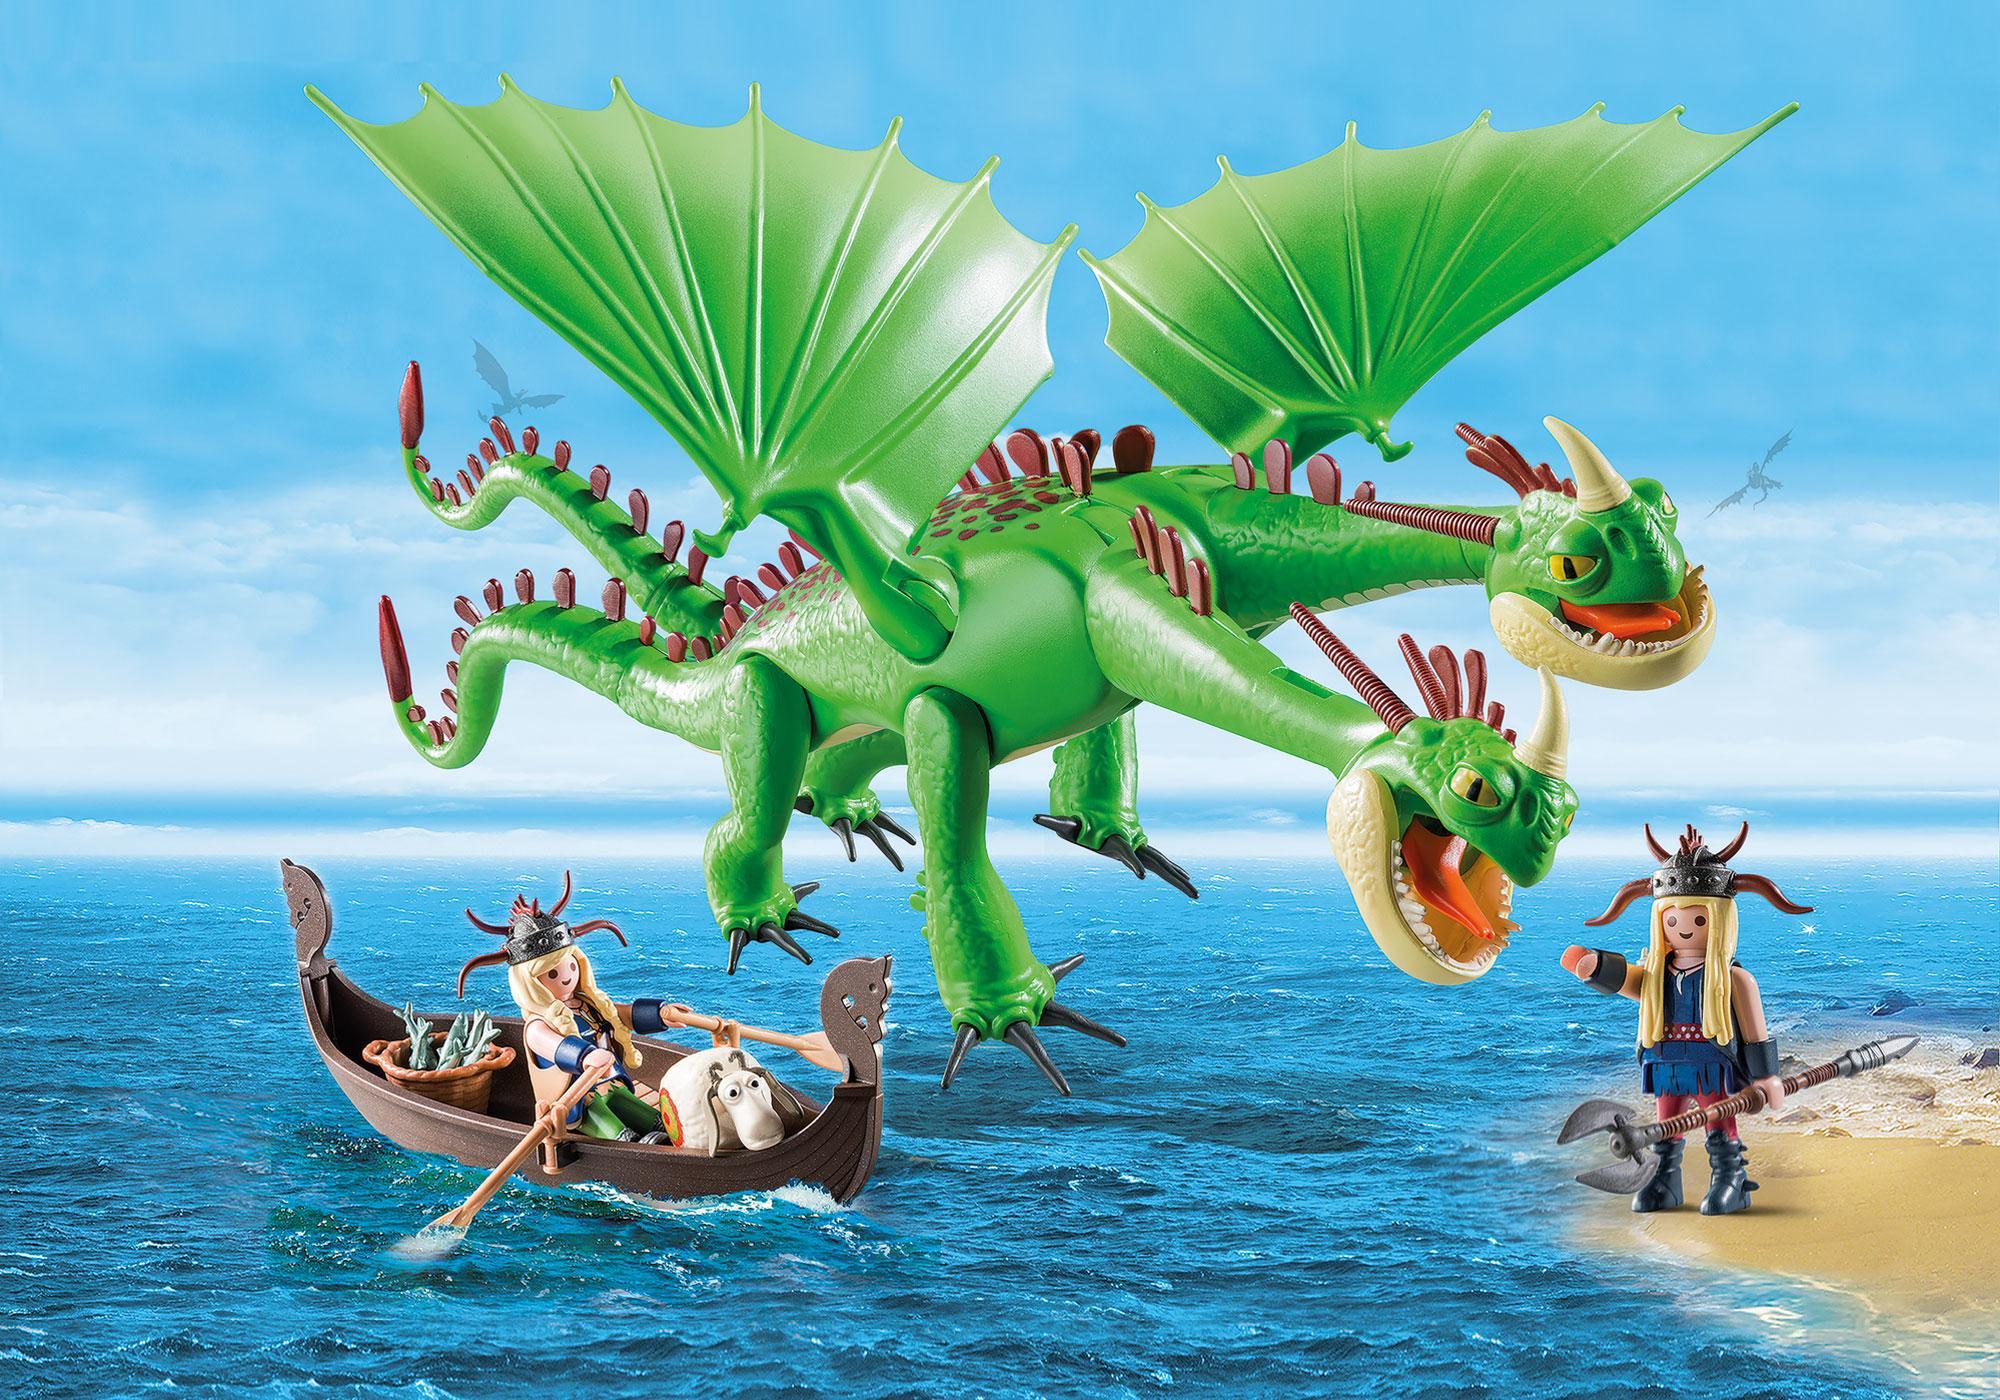 http://media.playmobil.com/i/playmobil/9458_product_detail/Cabeçaquente e Cabeçadura com Dragão 2 Cabeças